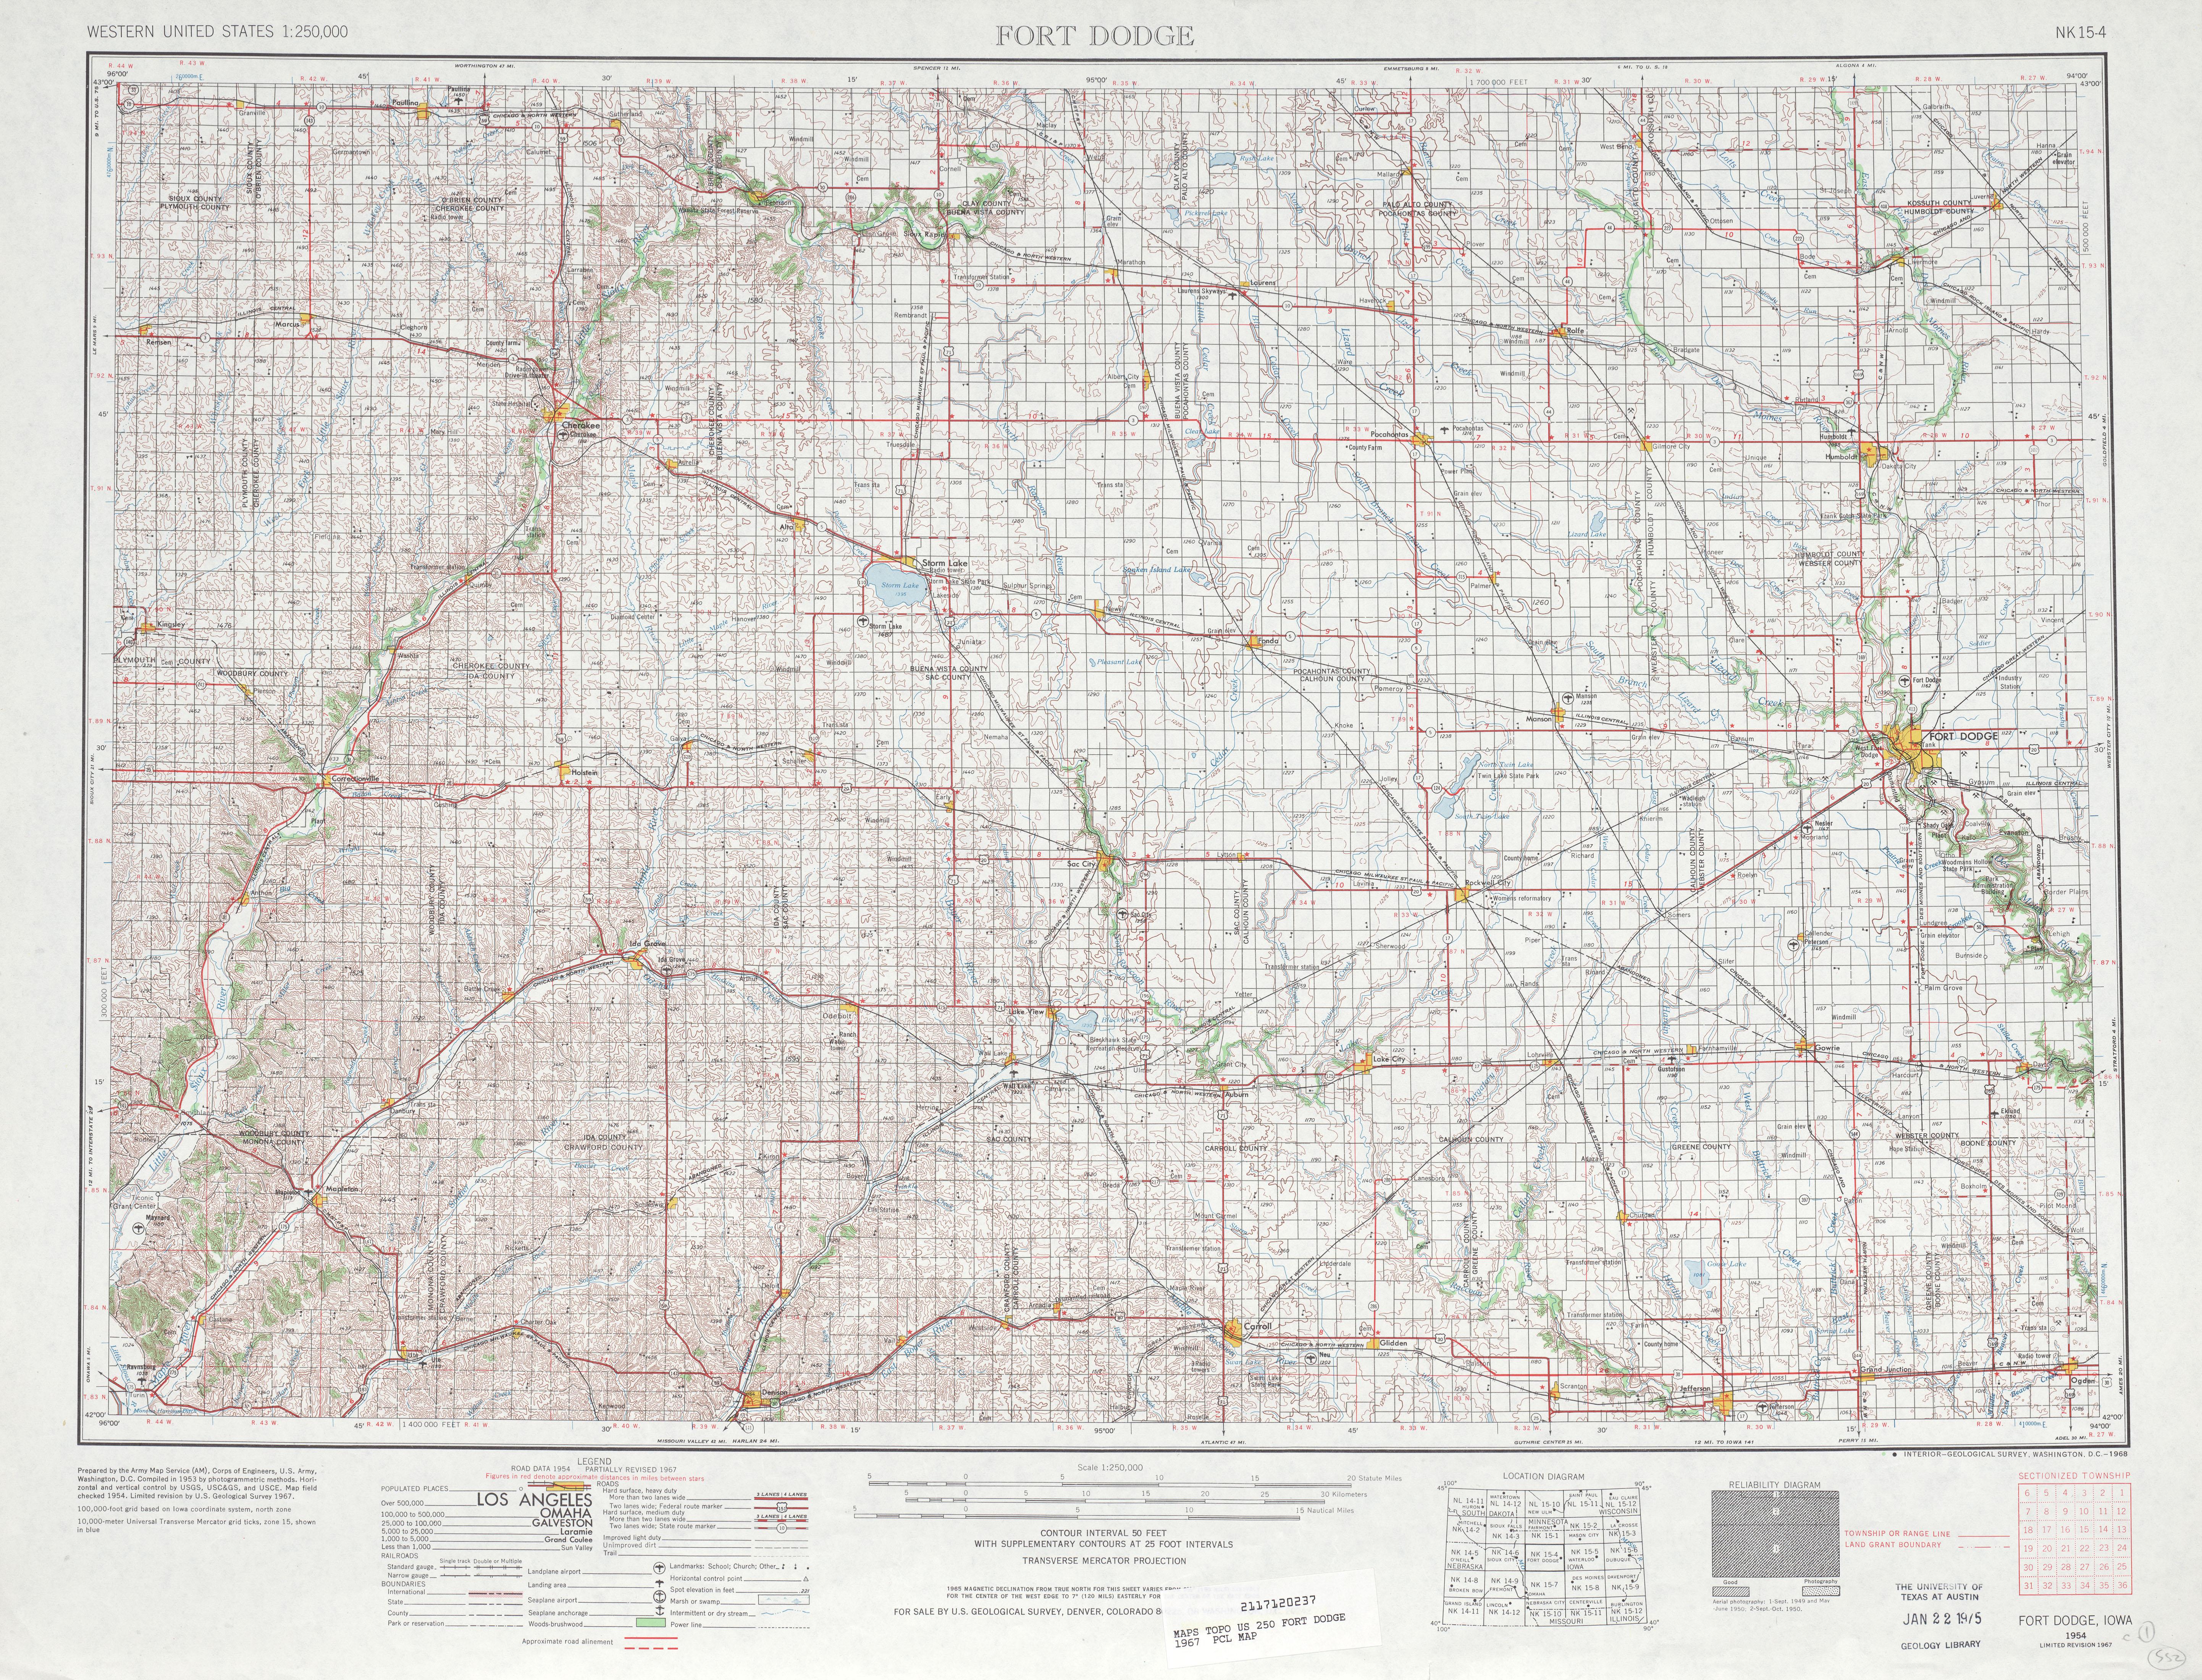 Hoja Fort Dodge del Mapa Topográfico de los Estados Unidos 1967